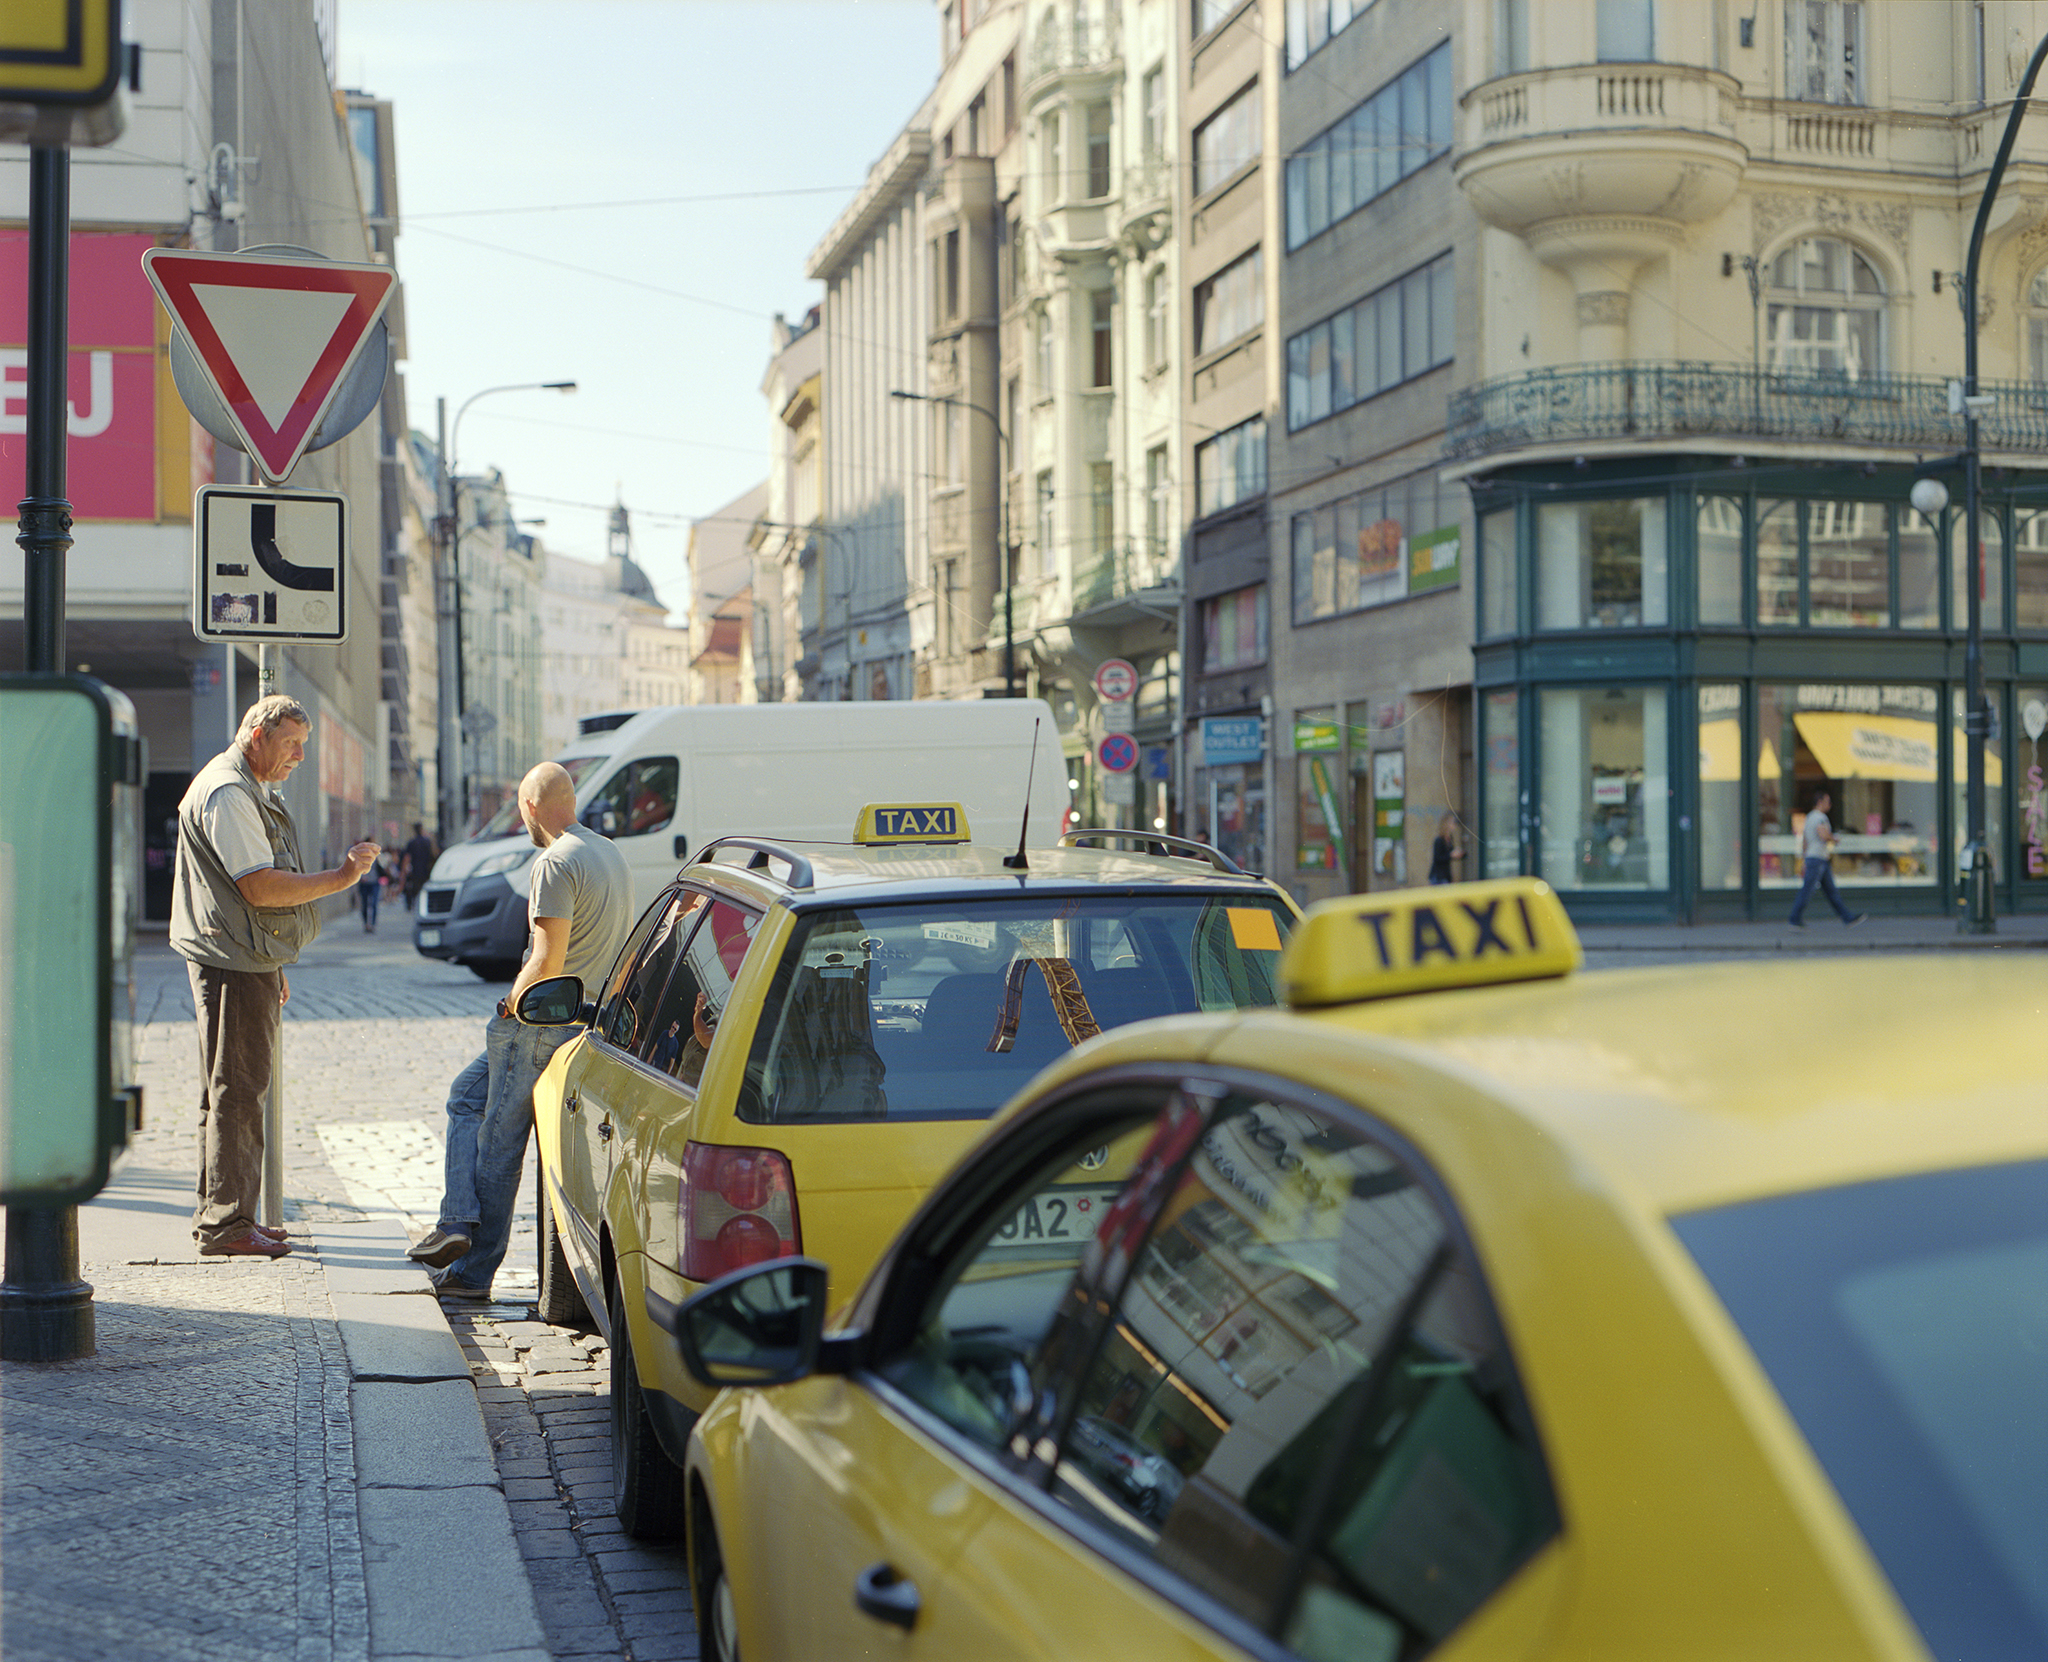 taxi guys.jpg